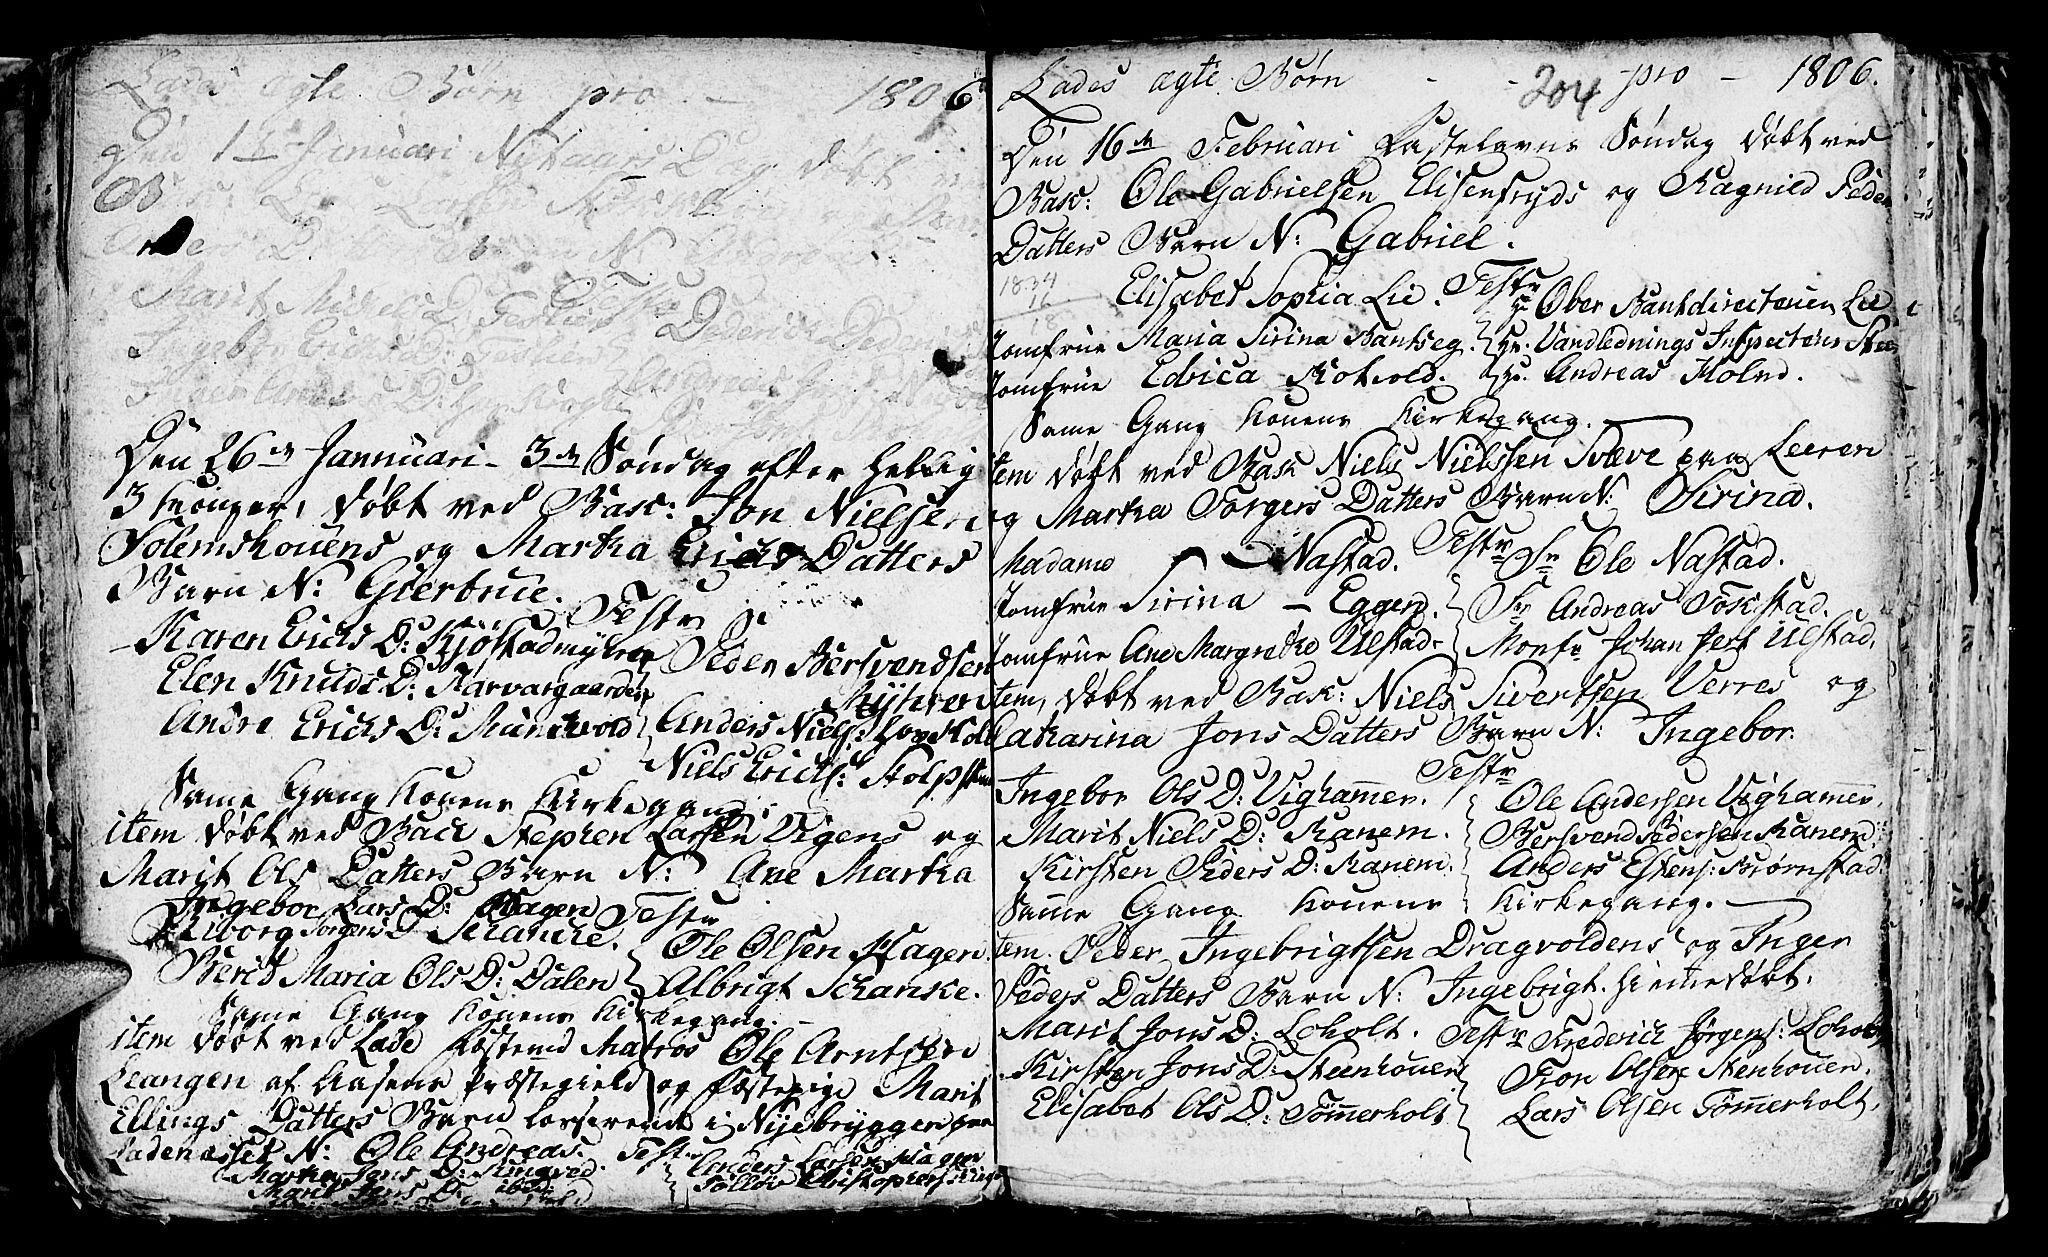 SAT, Ministerialprotokoller, klokkerbøker og fødselsregistre - Sør-Trøndelag, 606/L0305: Klokkerbok nr. 606C01, 1757-1819, s. 204